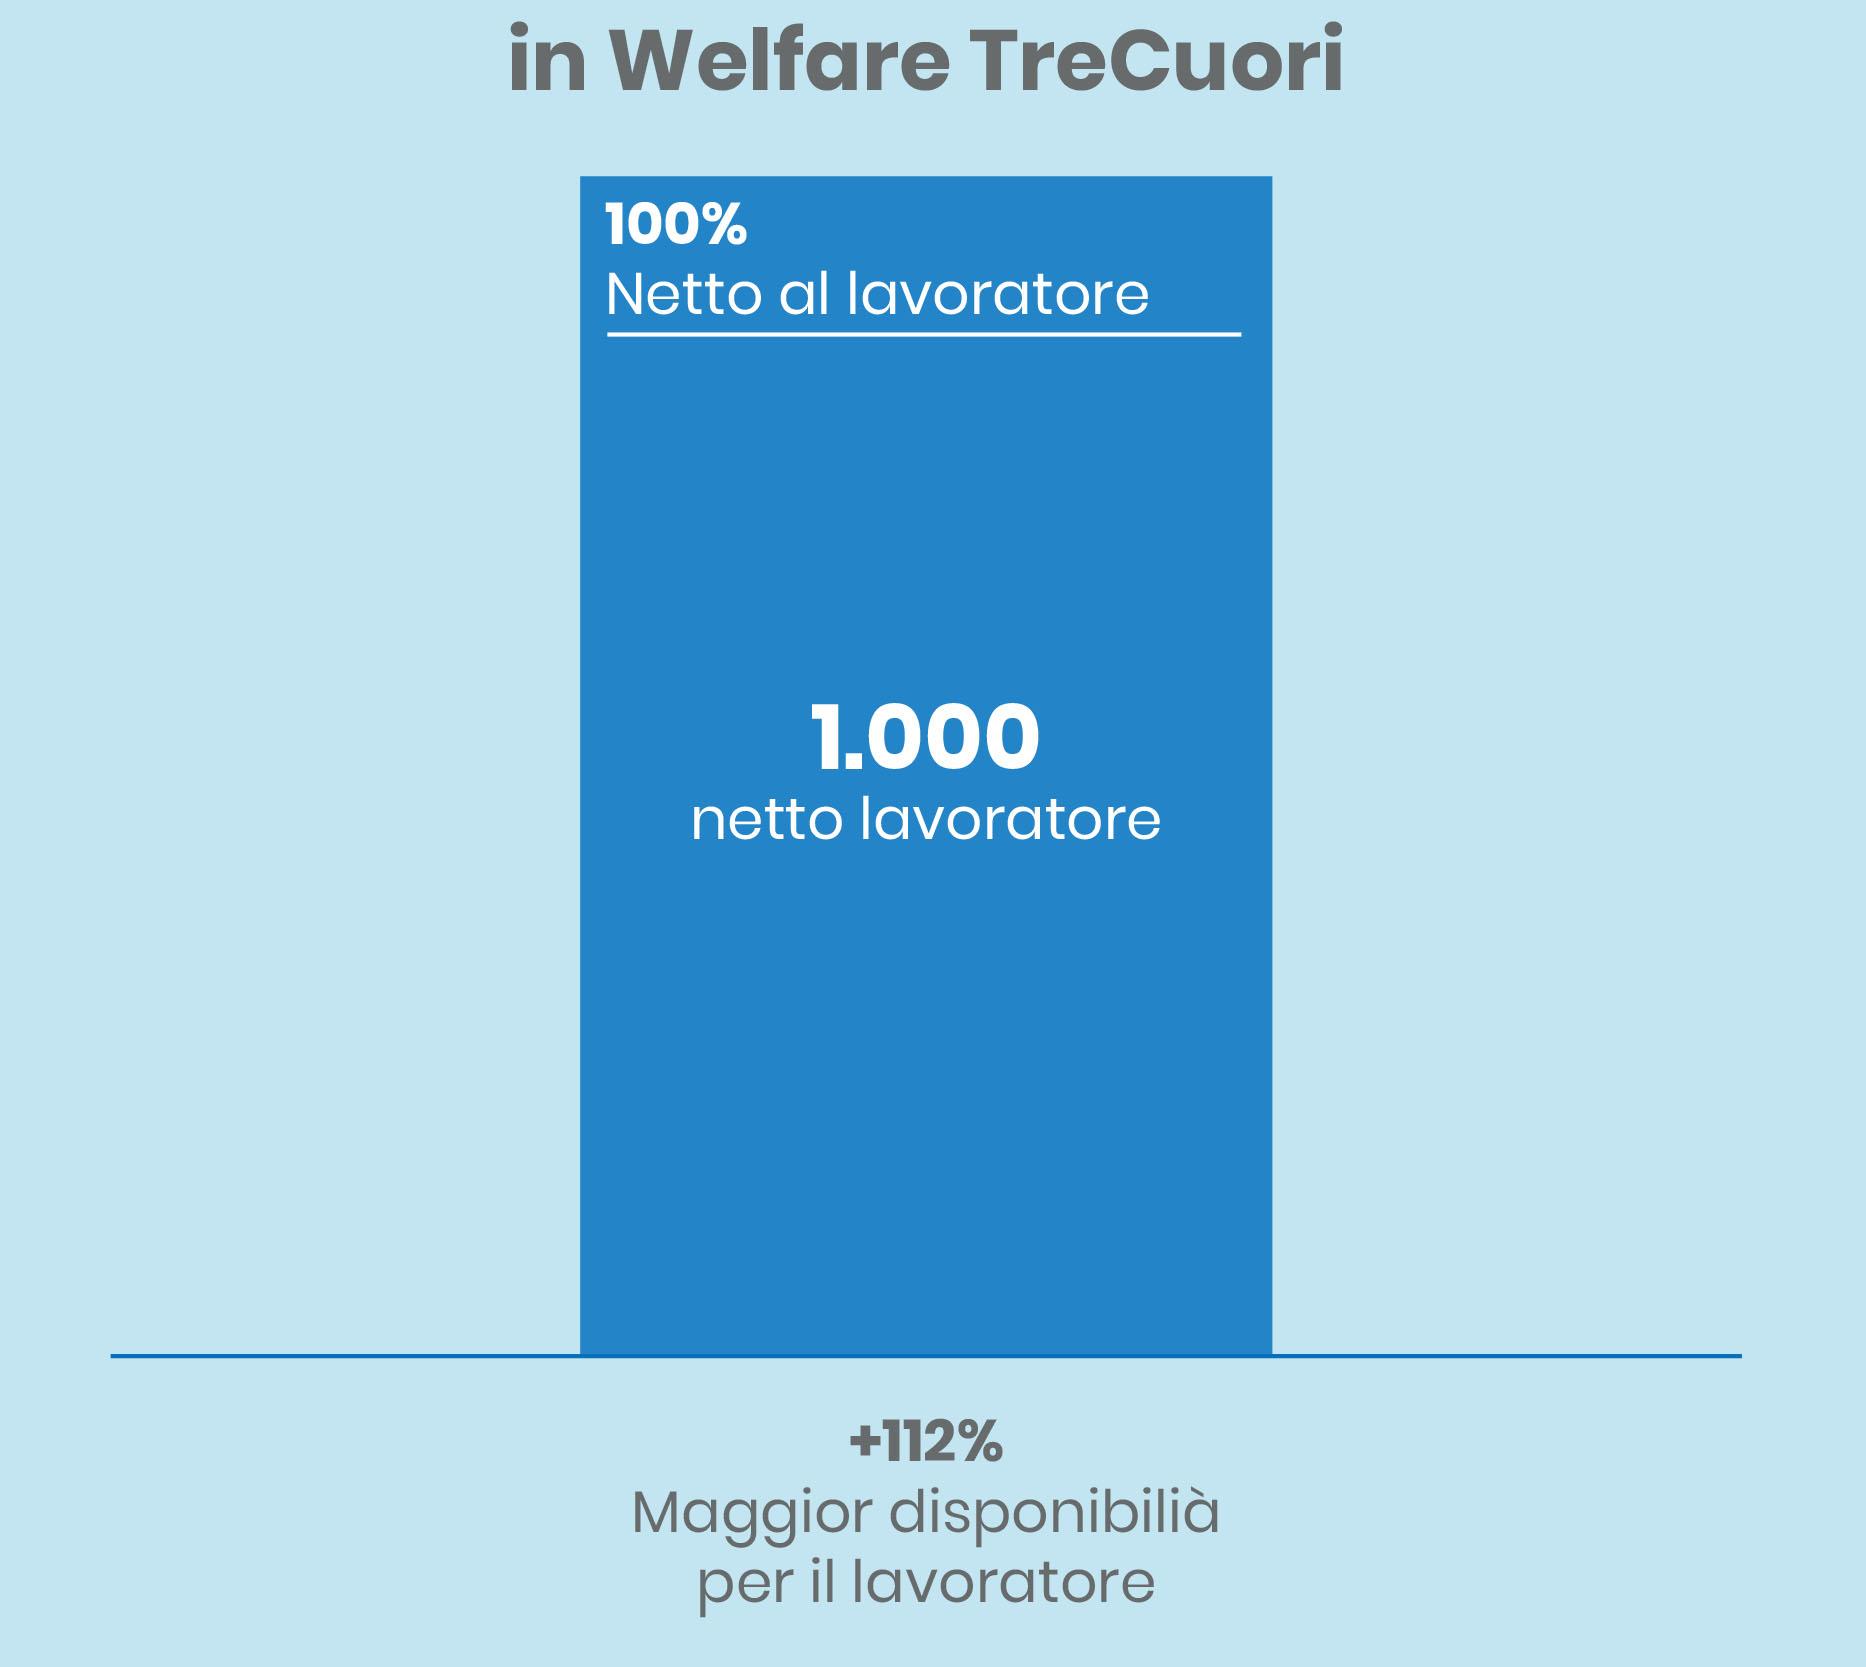 grafici premio in busta vs in welfare